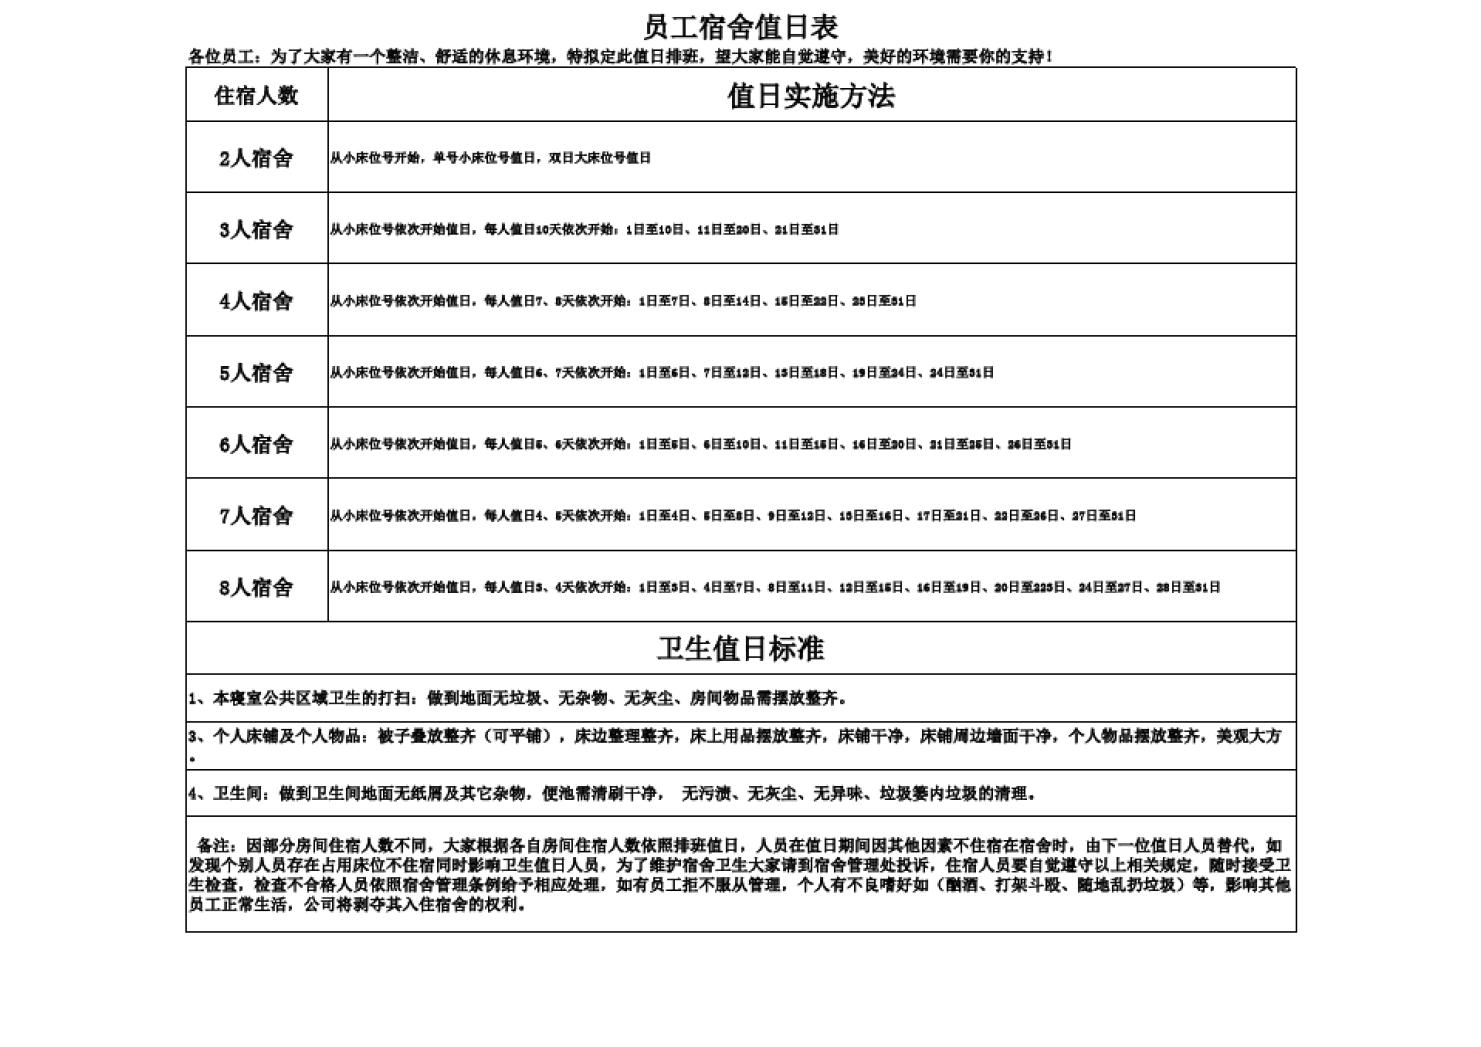 宿舍值日表_宿舍值日表_word文档在线阅读与下载_无忧文档